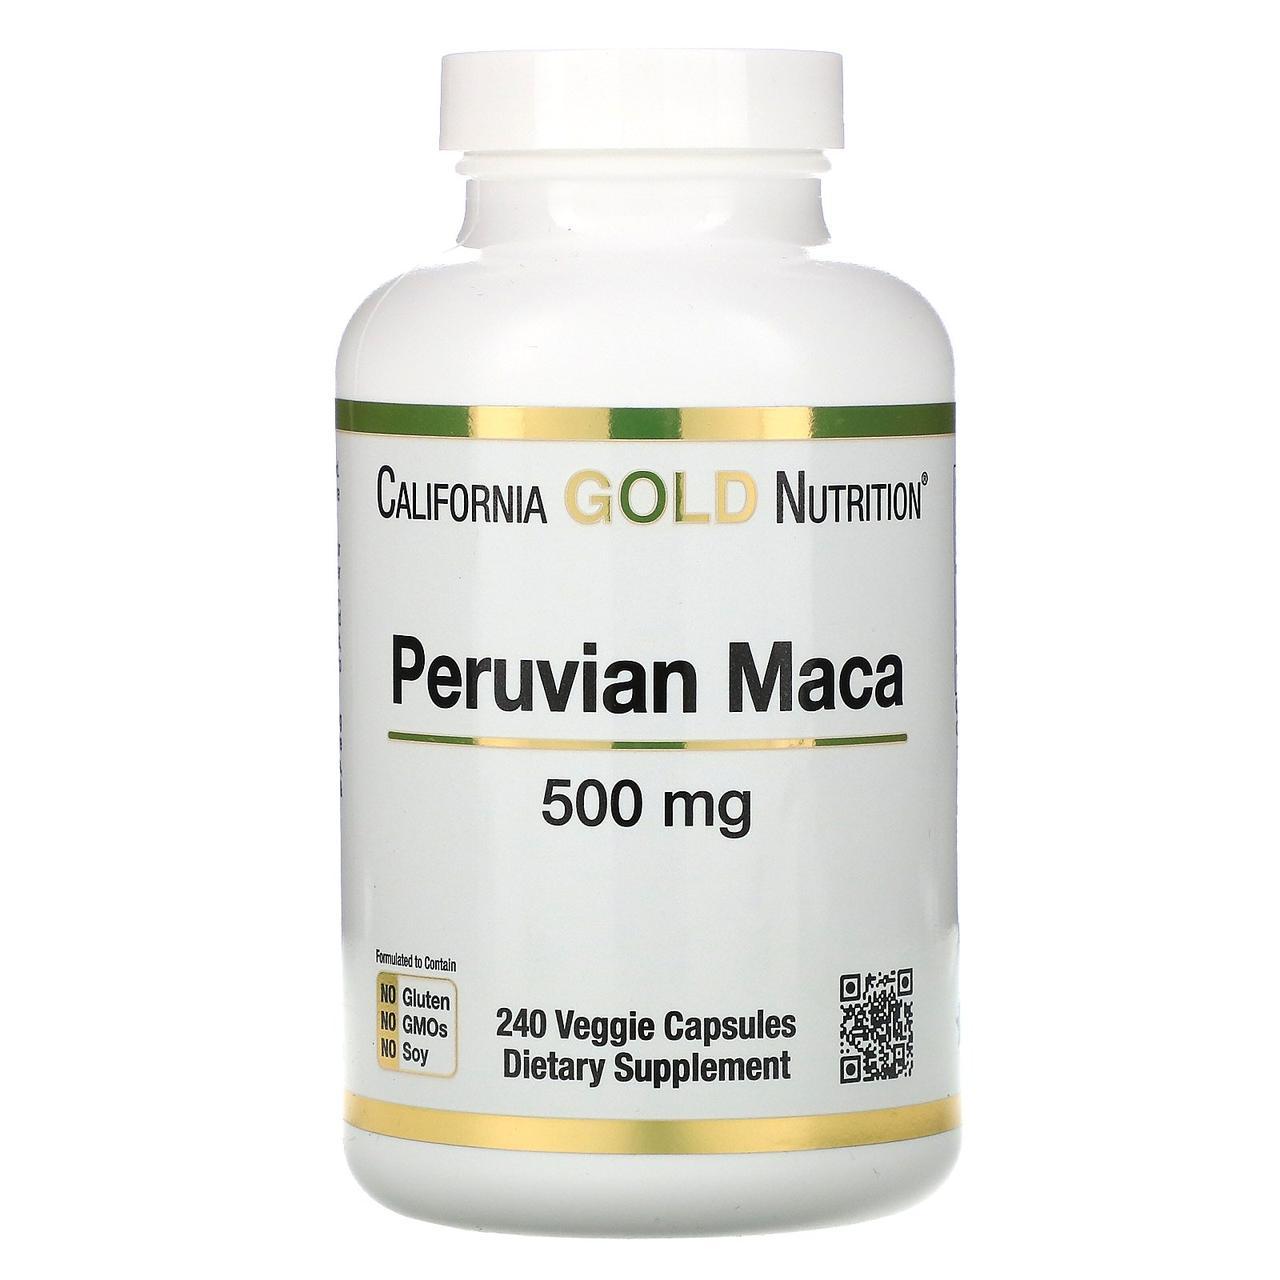 Мака, экстракт, California Gold Nutrition, 500 мг, 240 растительных капсул